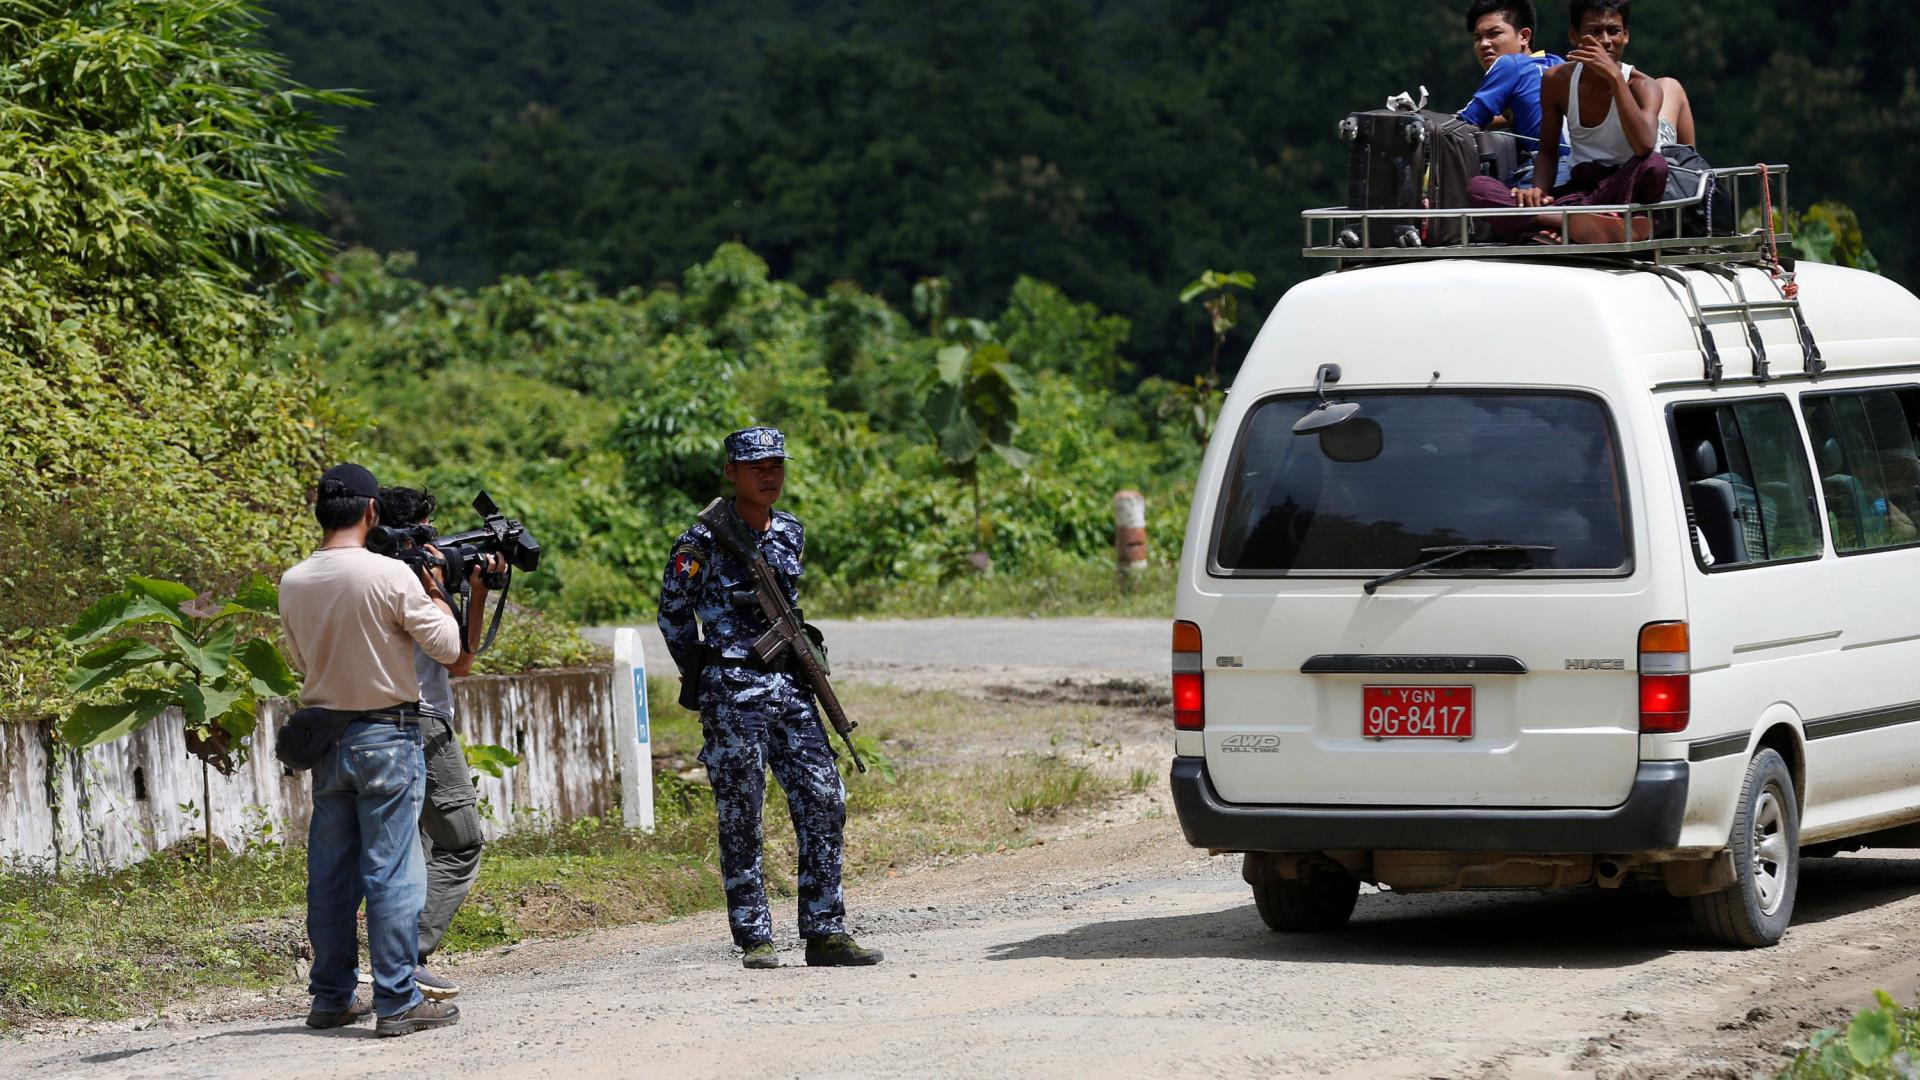 Milícia rohingya levou a cabo massacre em aldeia hindu